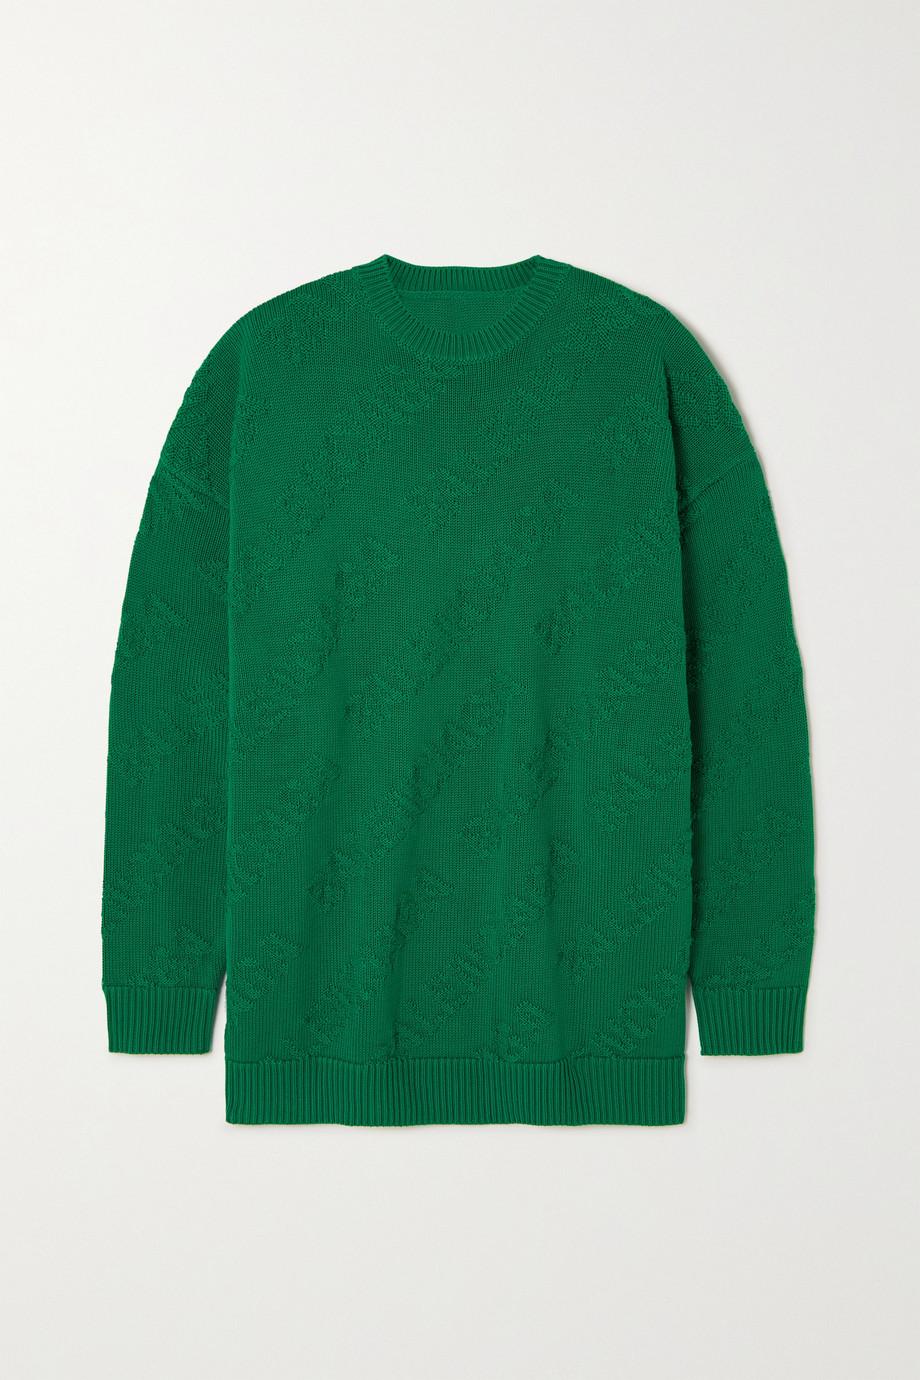 Balenciaga Pull en jacquard de coton